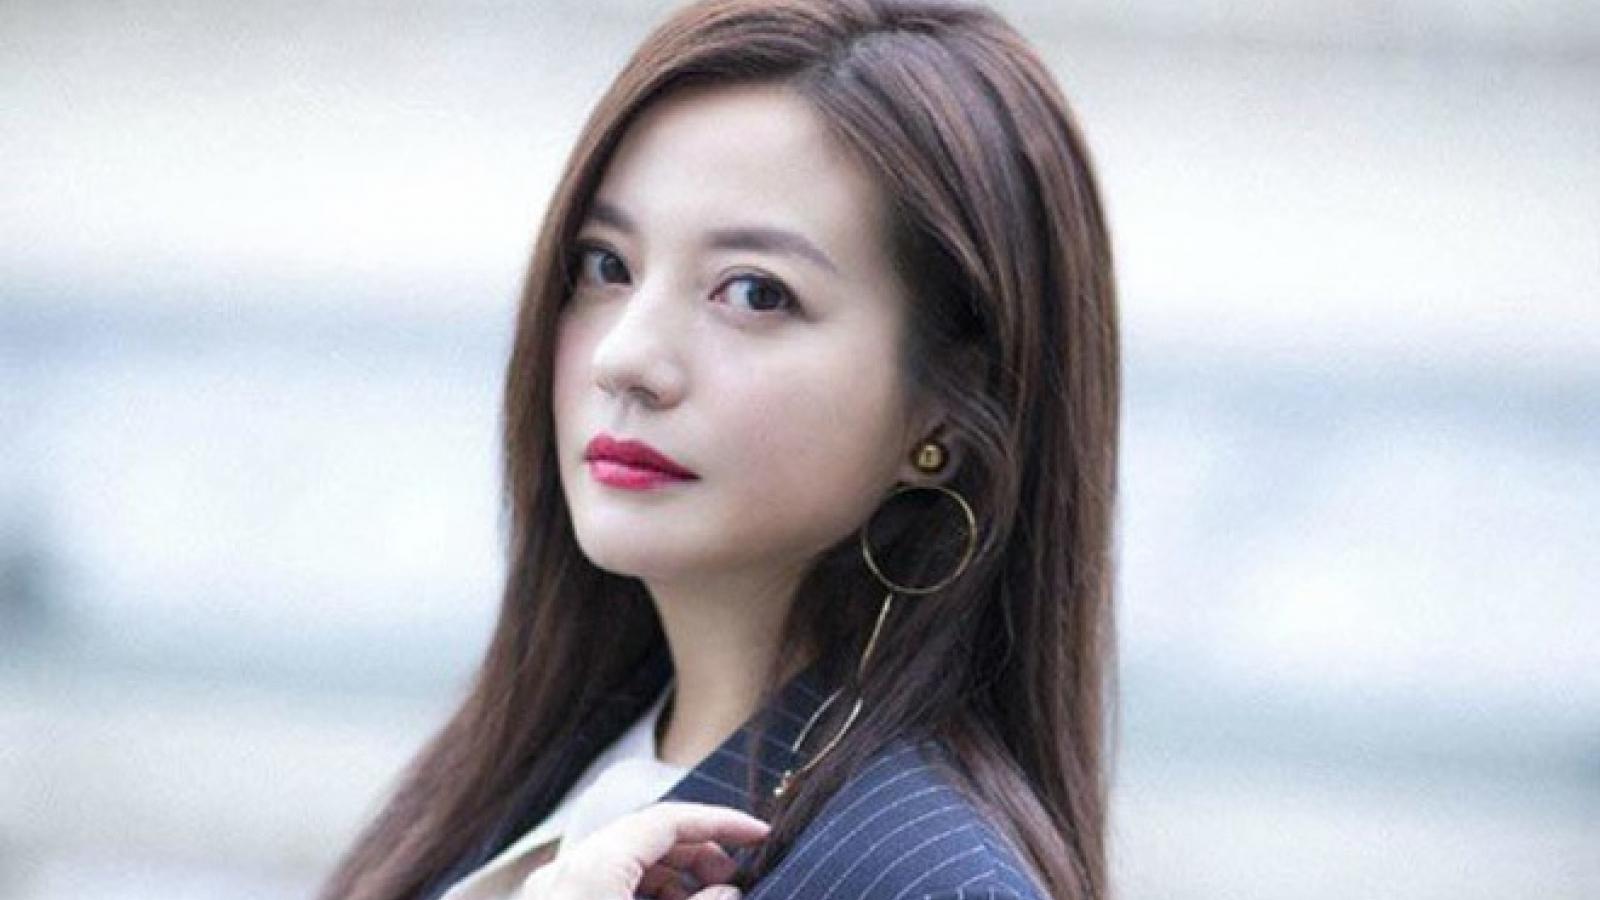 Triệu Vy, Phạm Băng Băng nằm trong danh sách 25 nghệ sĩ bị cấm hoạt động